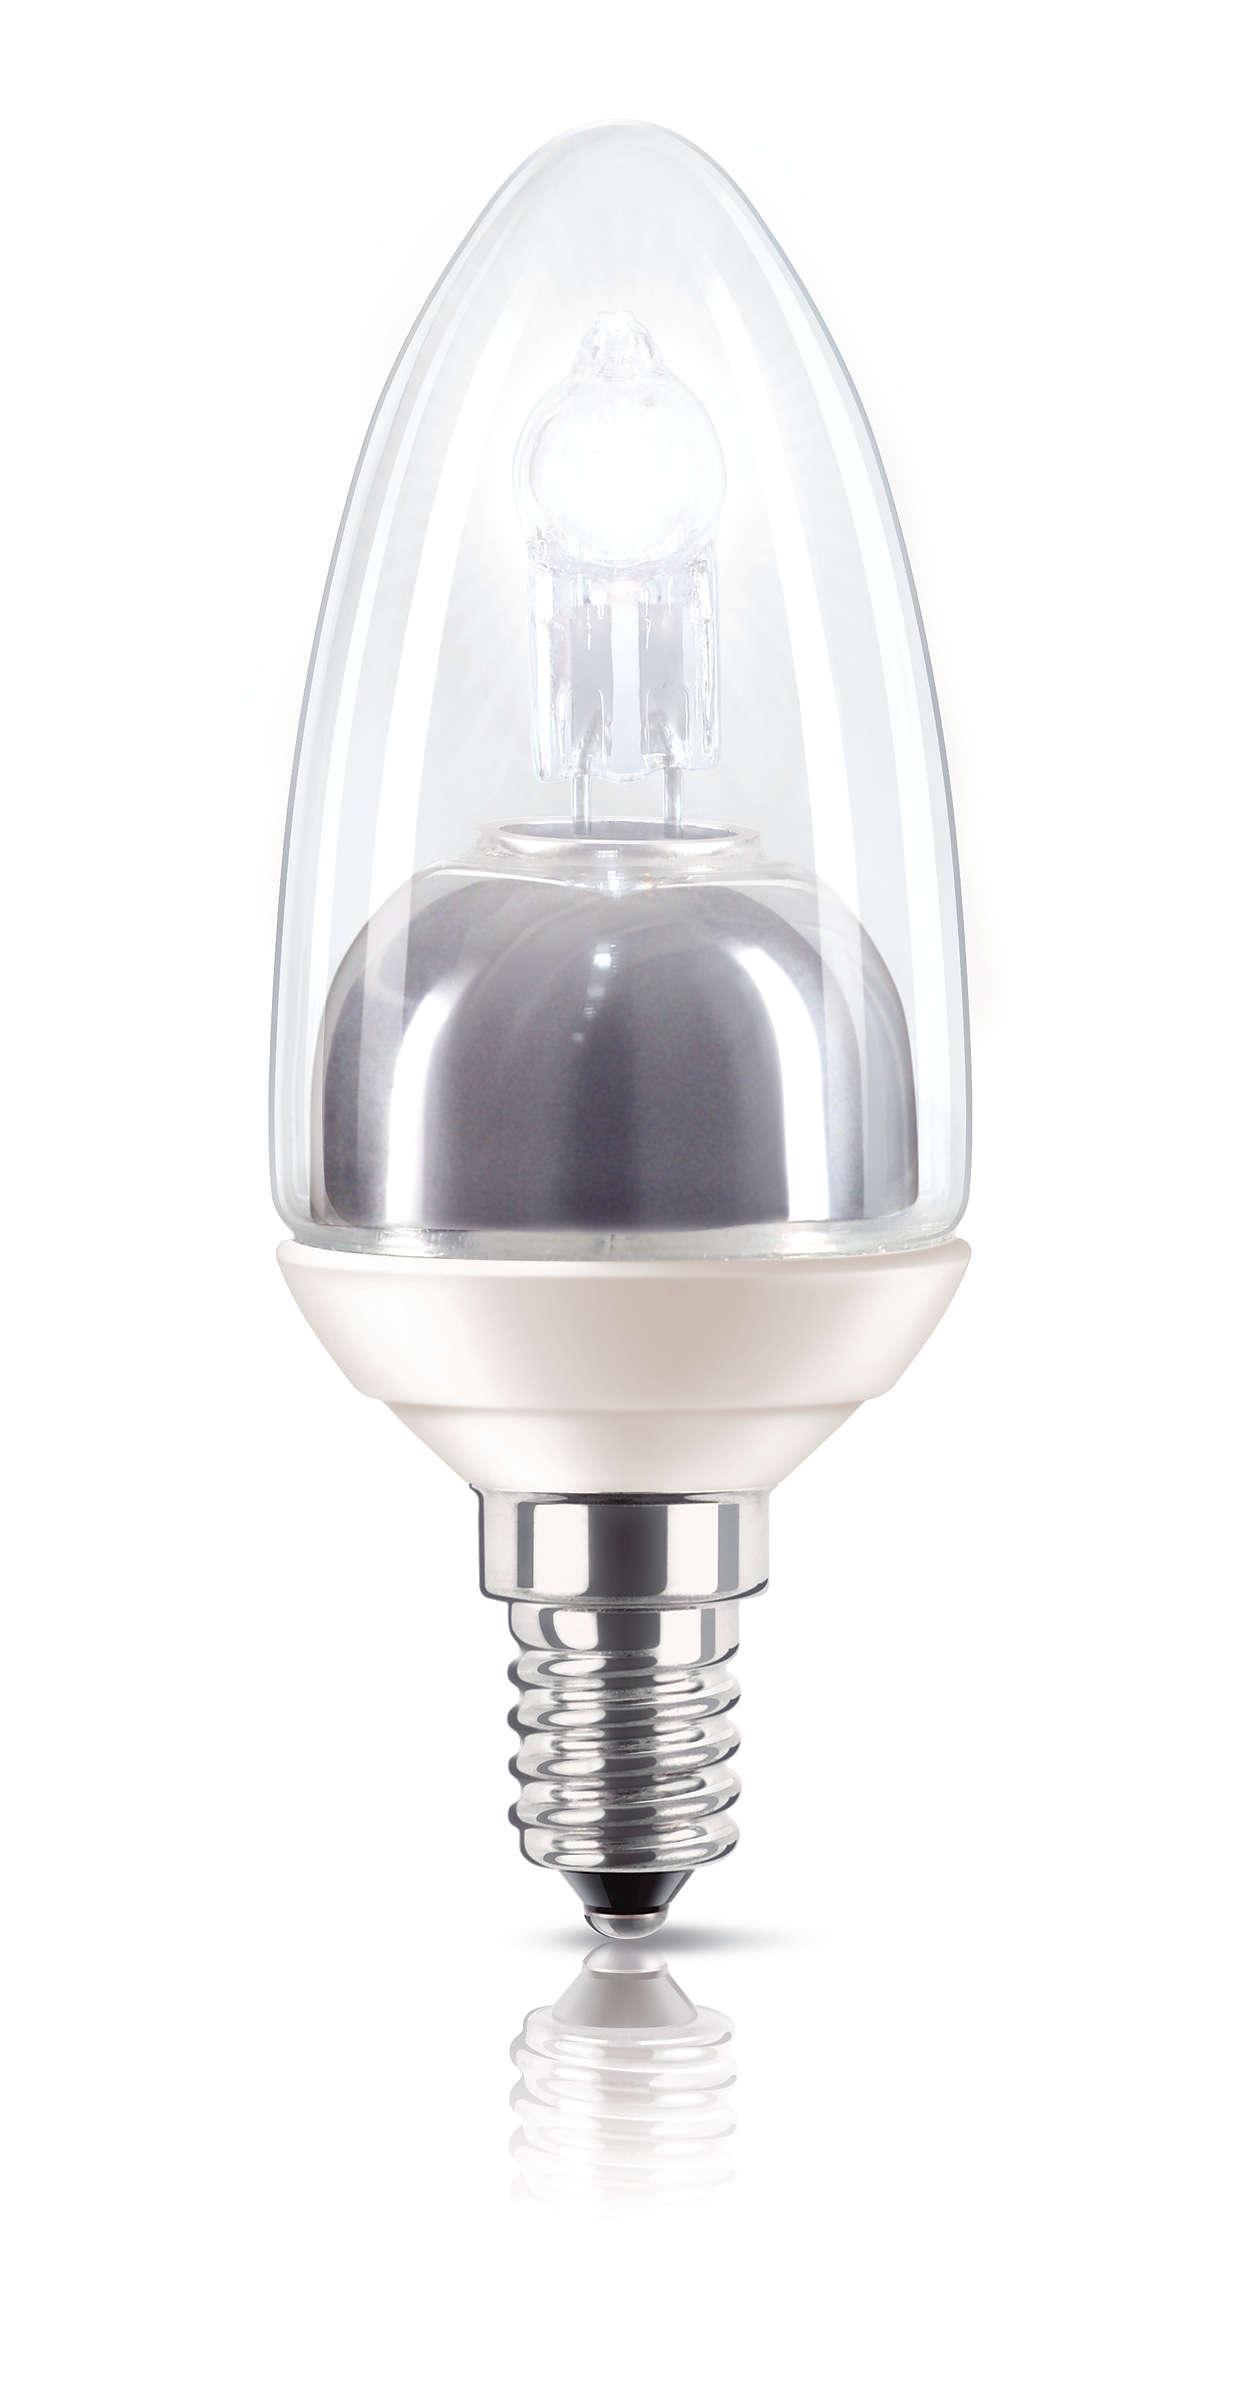 Une lumière éclatante avec une consommation réduite de moitié